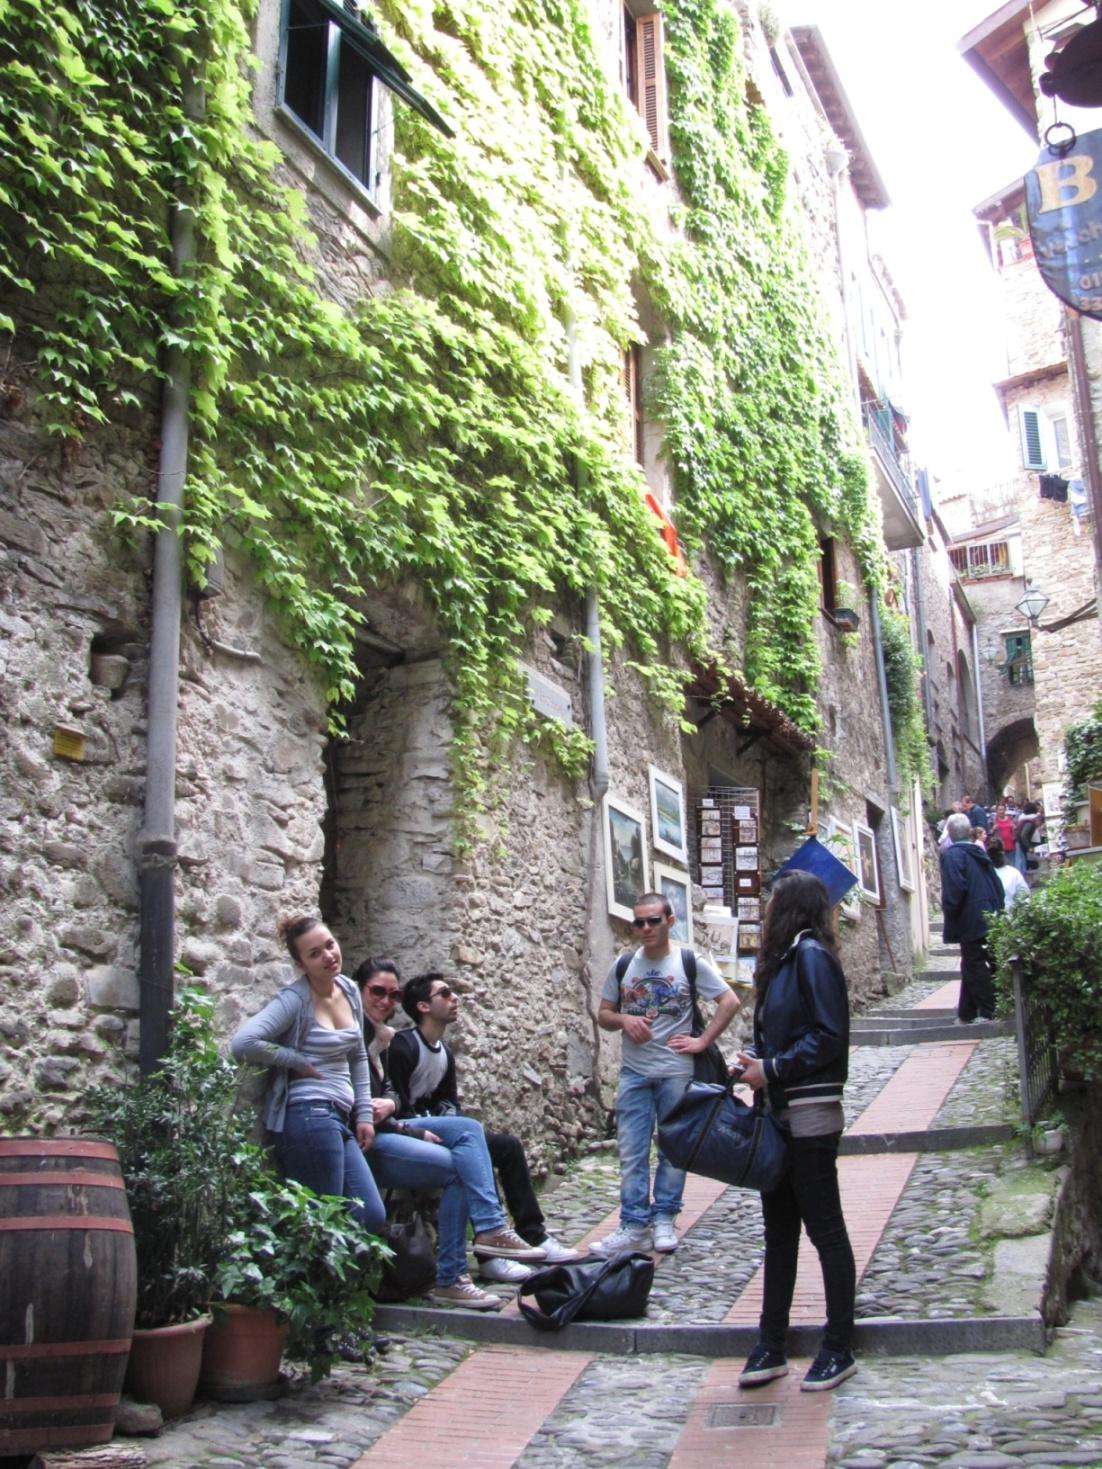 pasquetta_dolceacqua-2011-04-25-11-49-20